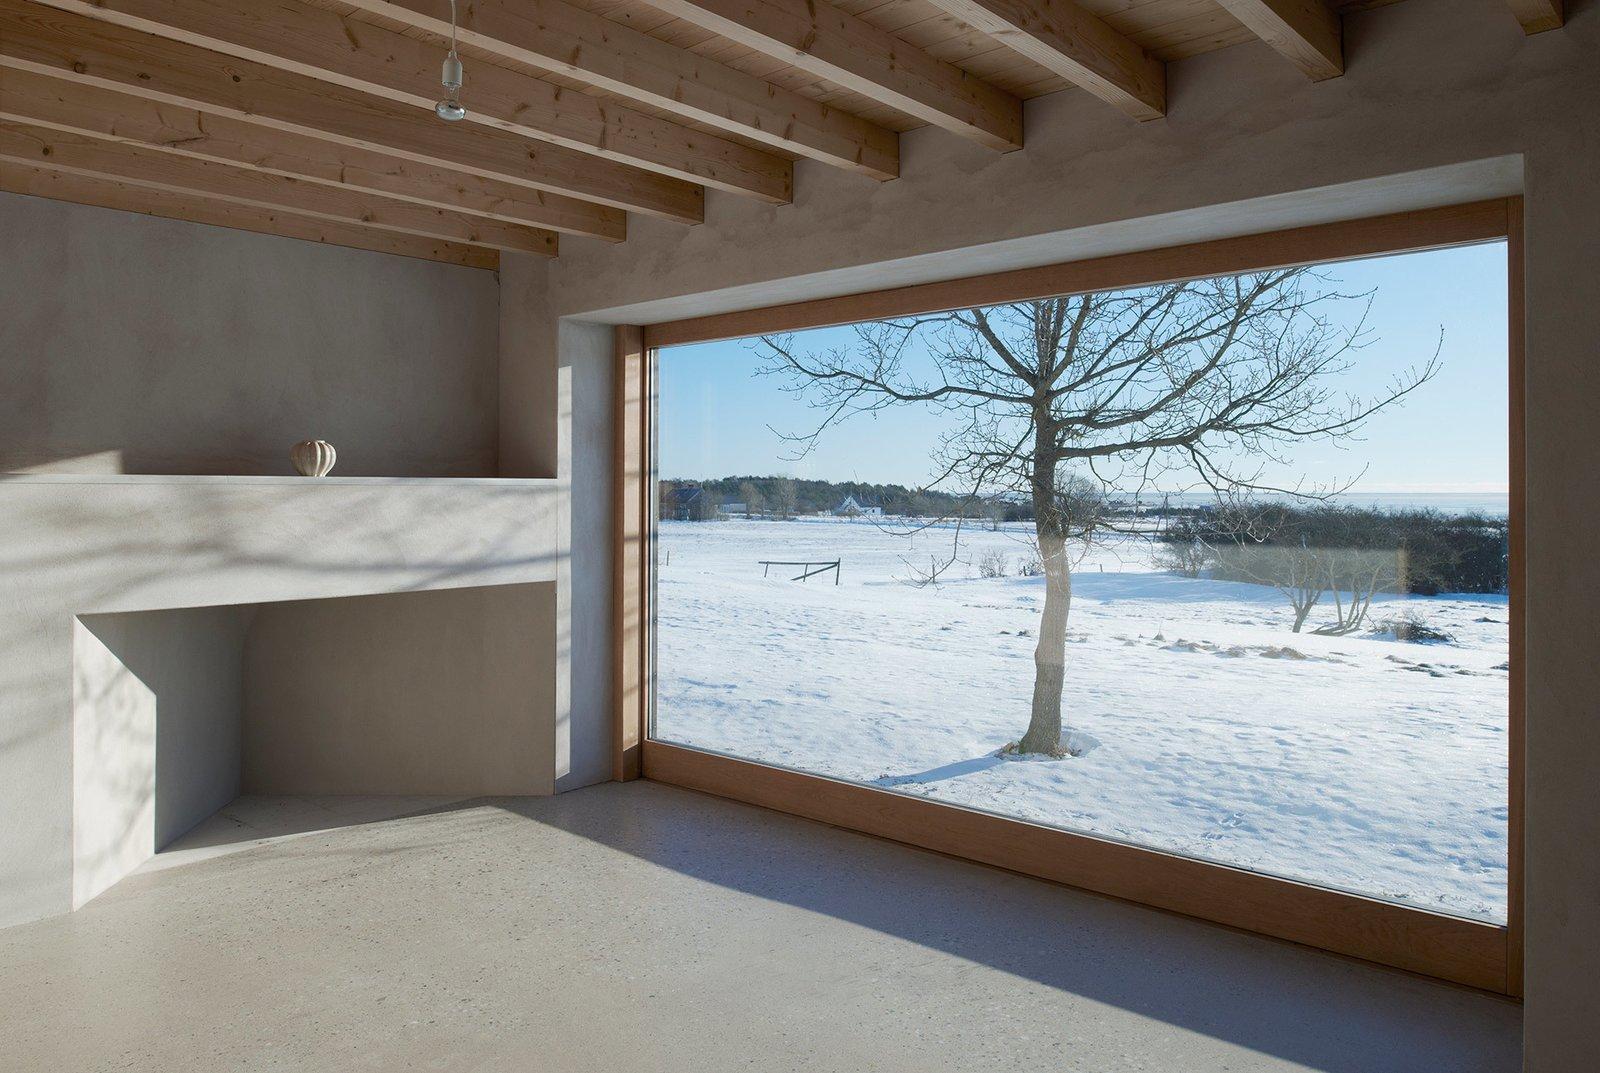 Photo 3 of 6 in Atrium House By Tham & Videgård Arkitekter